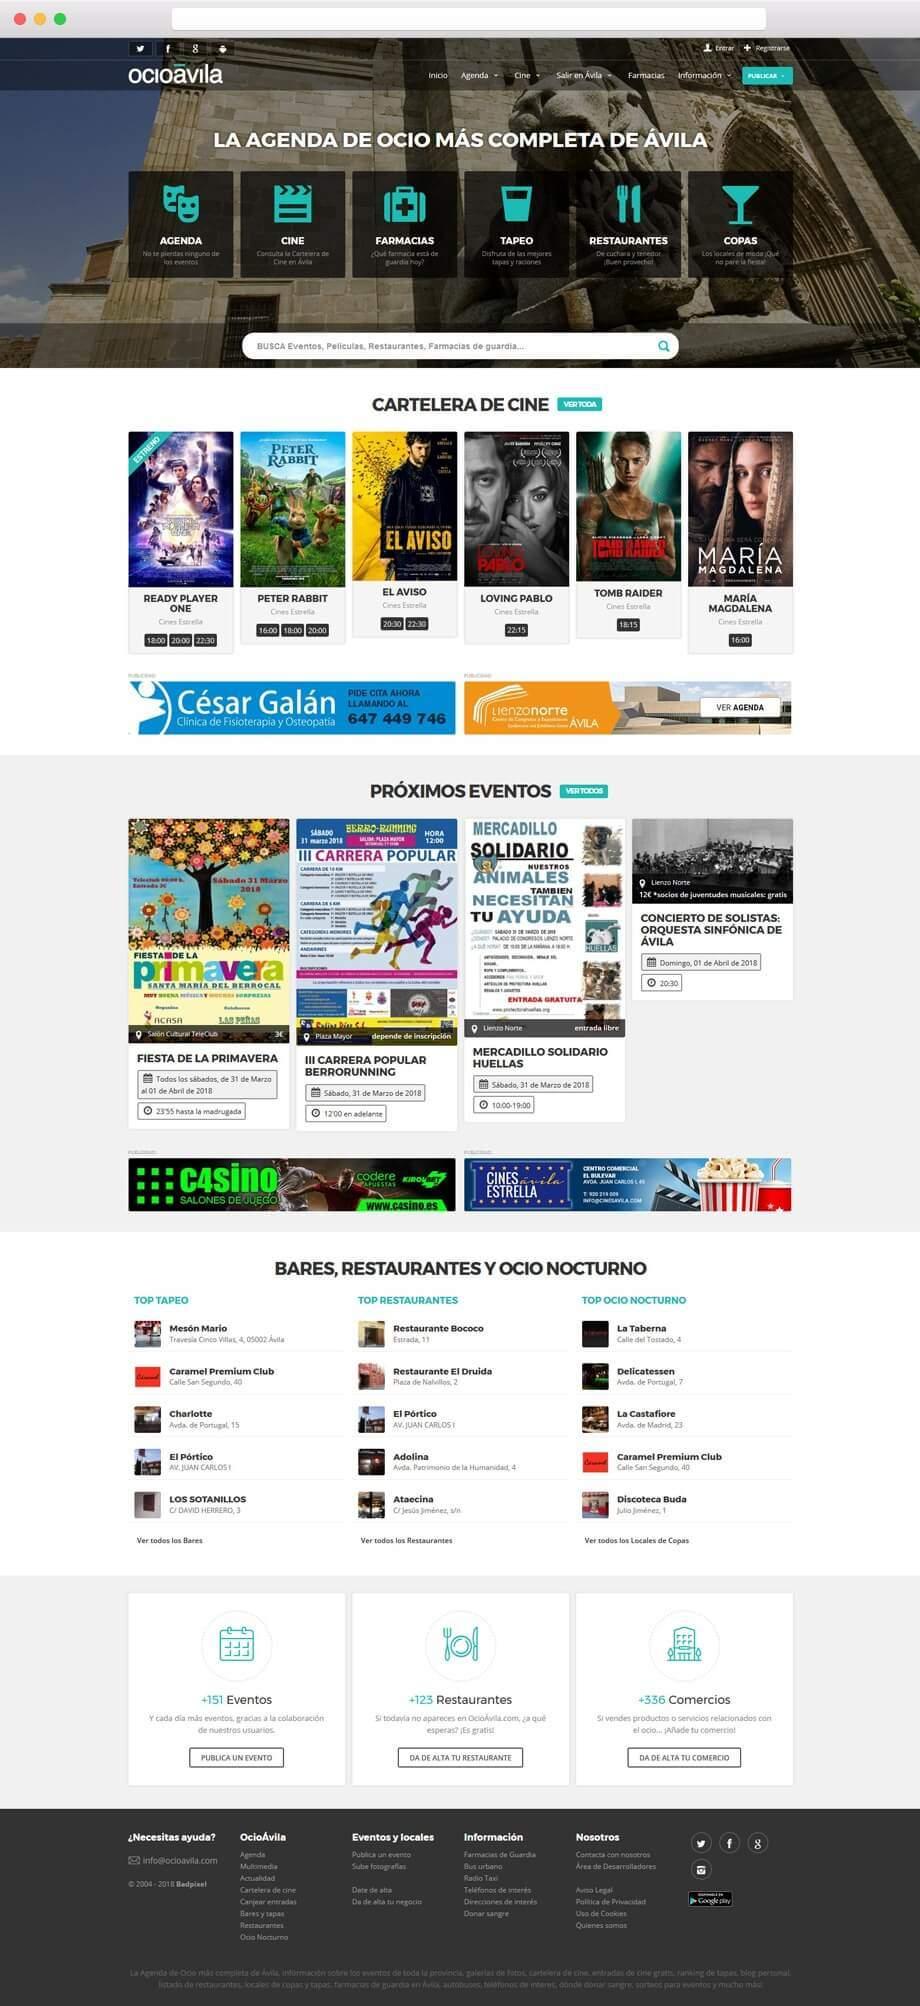 Imagen corporativa, Página web y App para OcioAvila